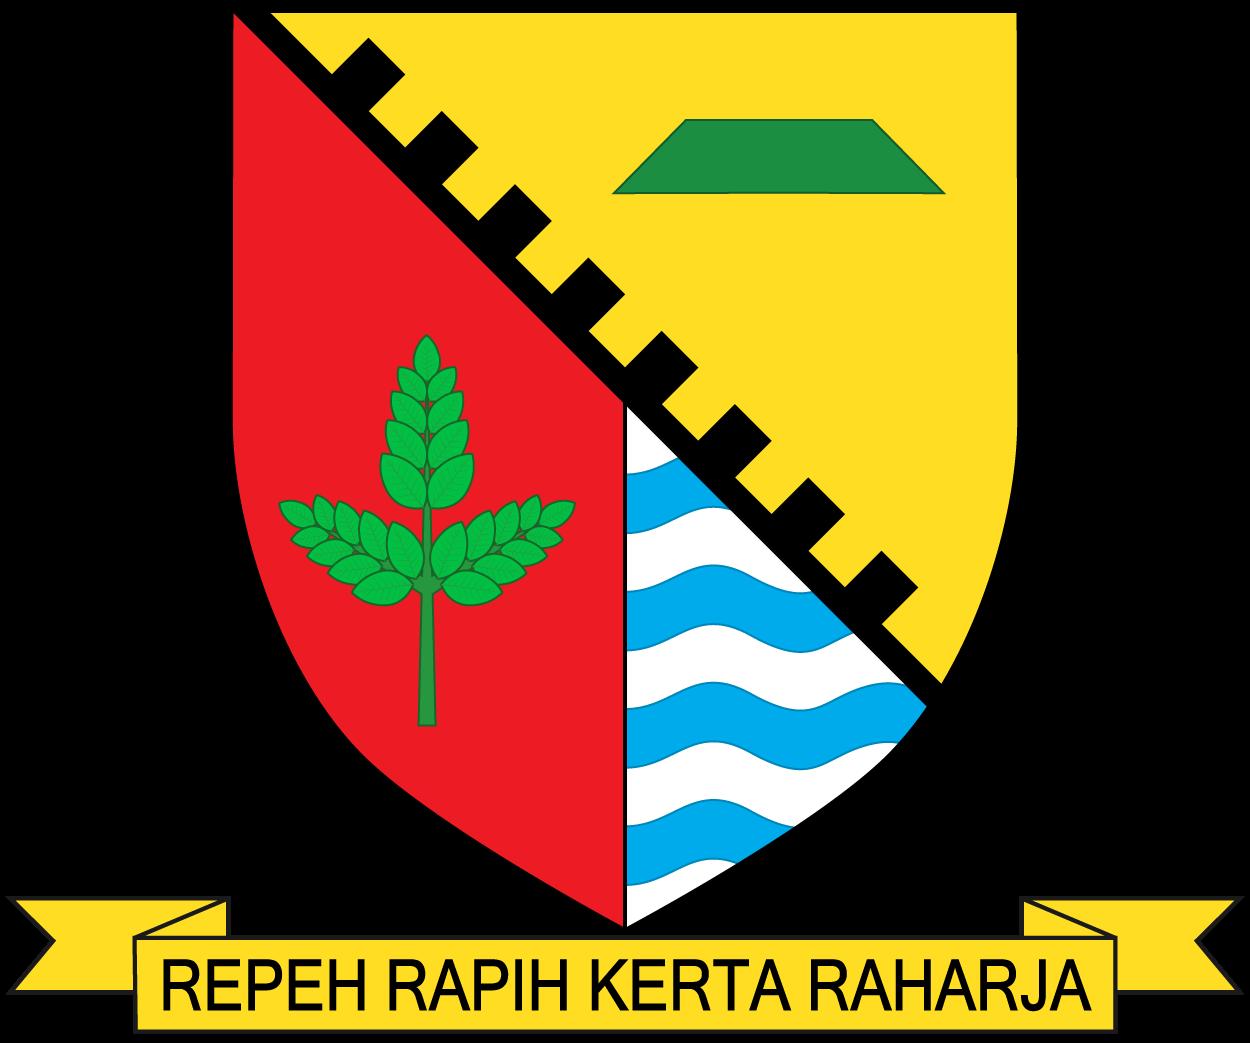 https://upload.wikimedia.org/wikipedia/commons/2/2e/Lambang_Kabupaten_Bandung.png